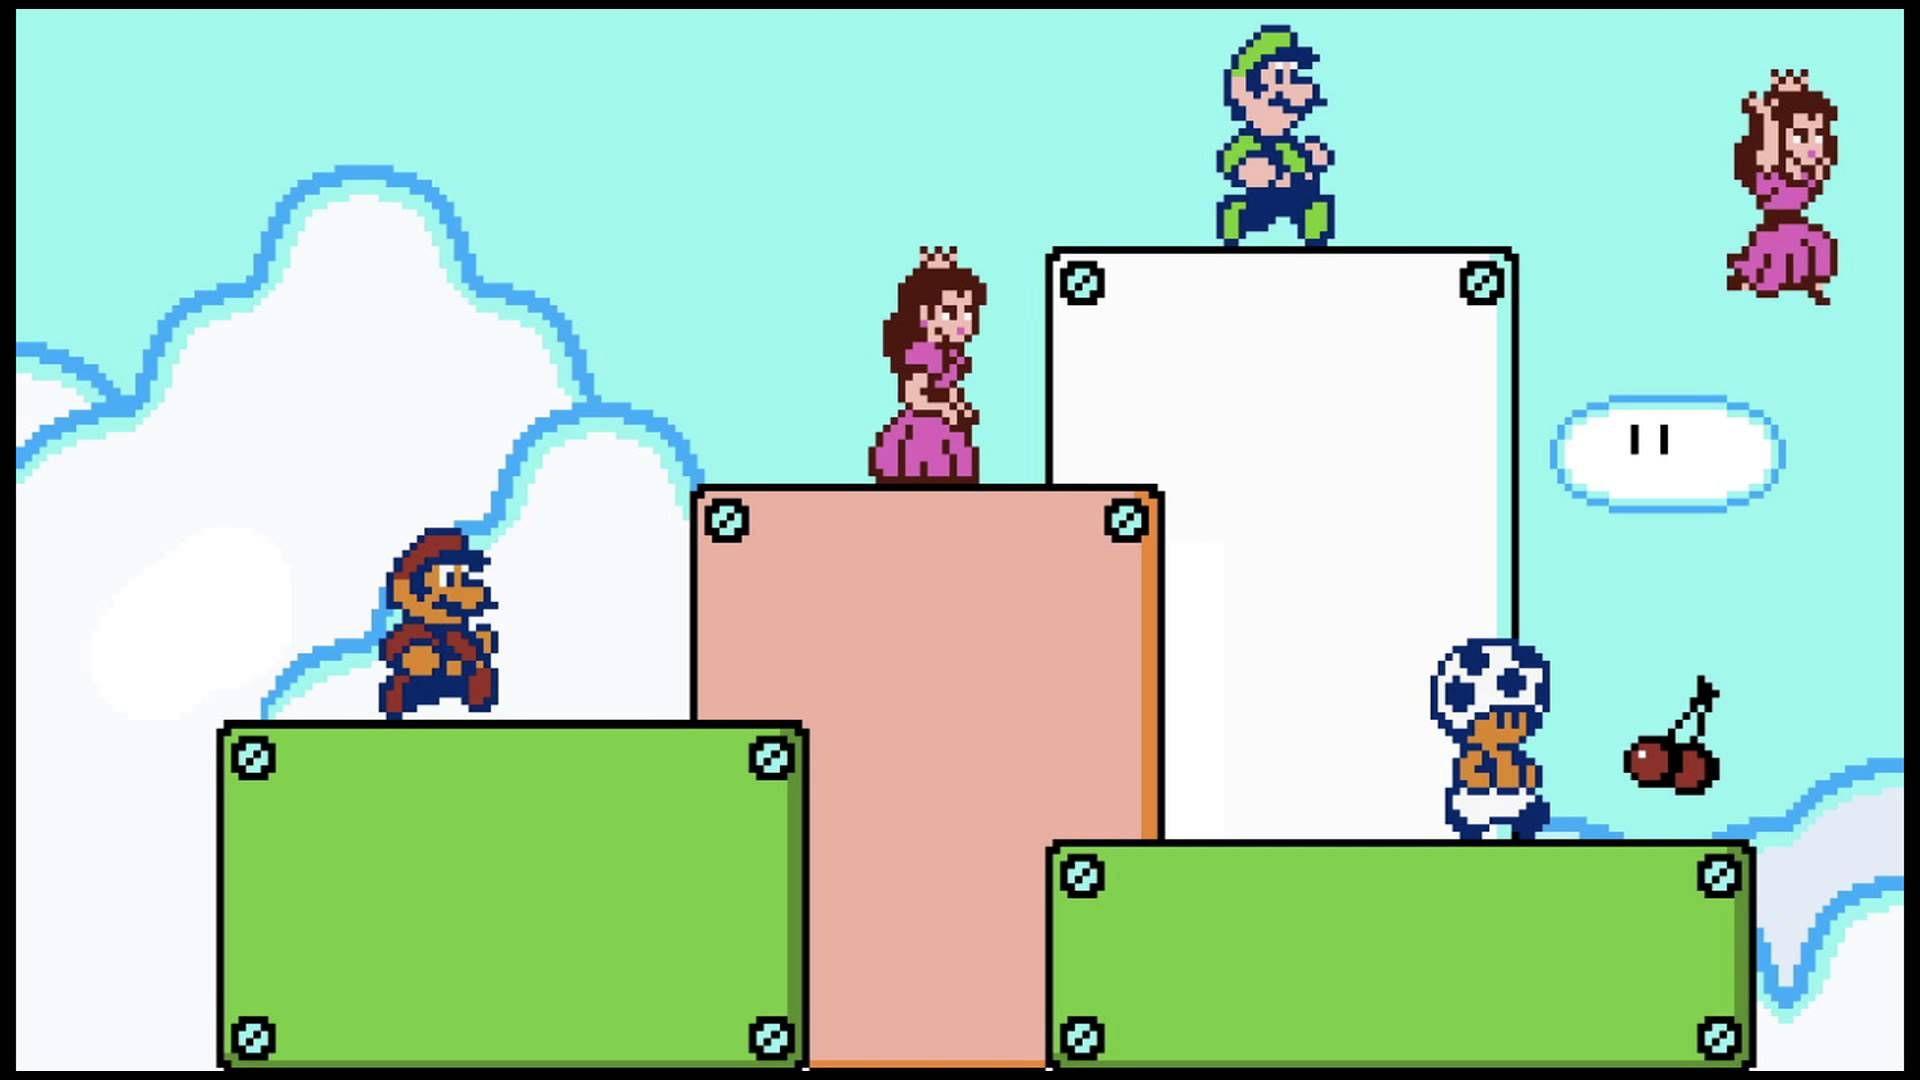 Super Mario 3D World Athletic Theme 8 Bit   Let's get the